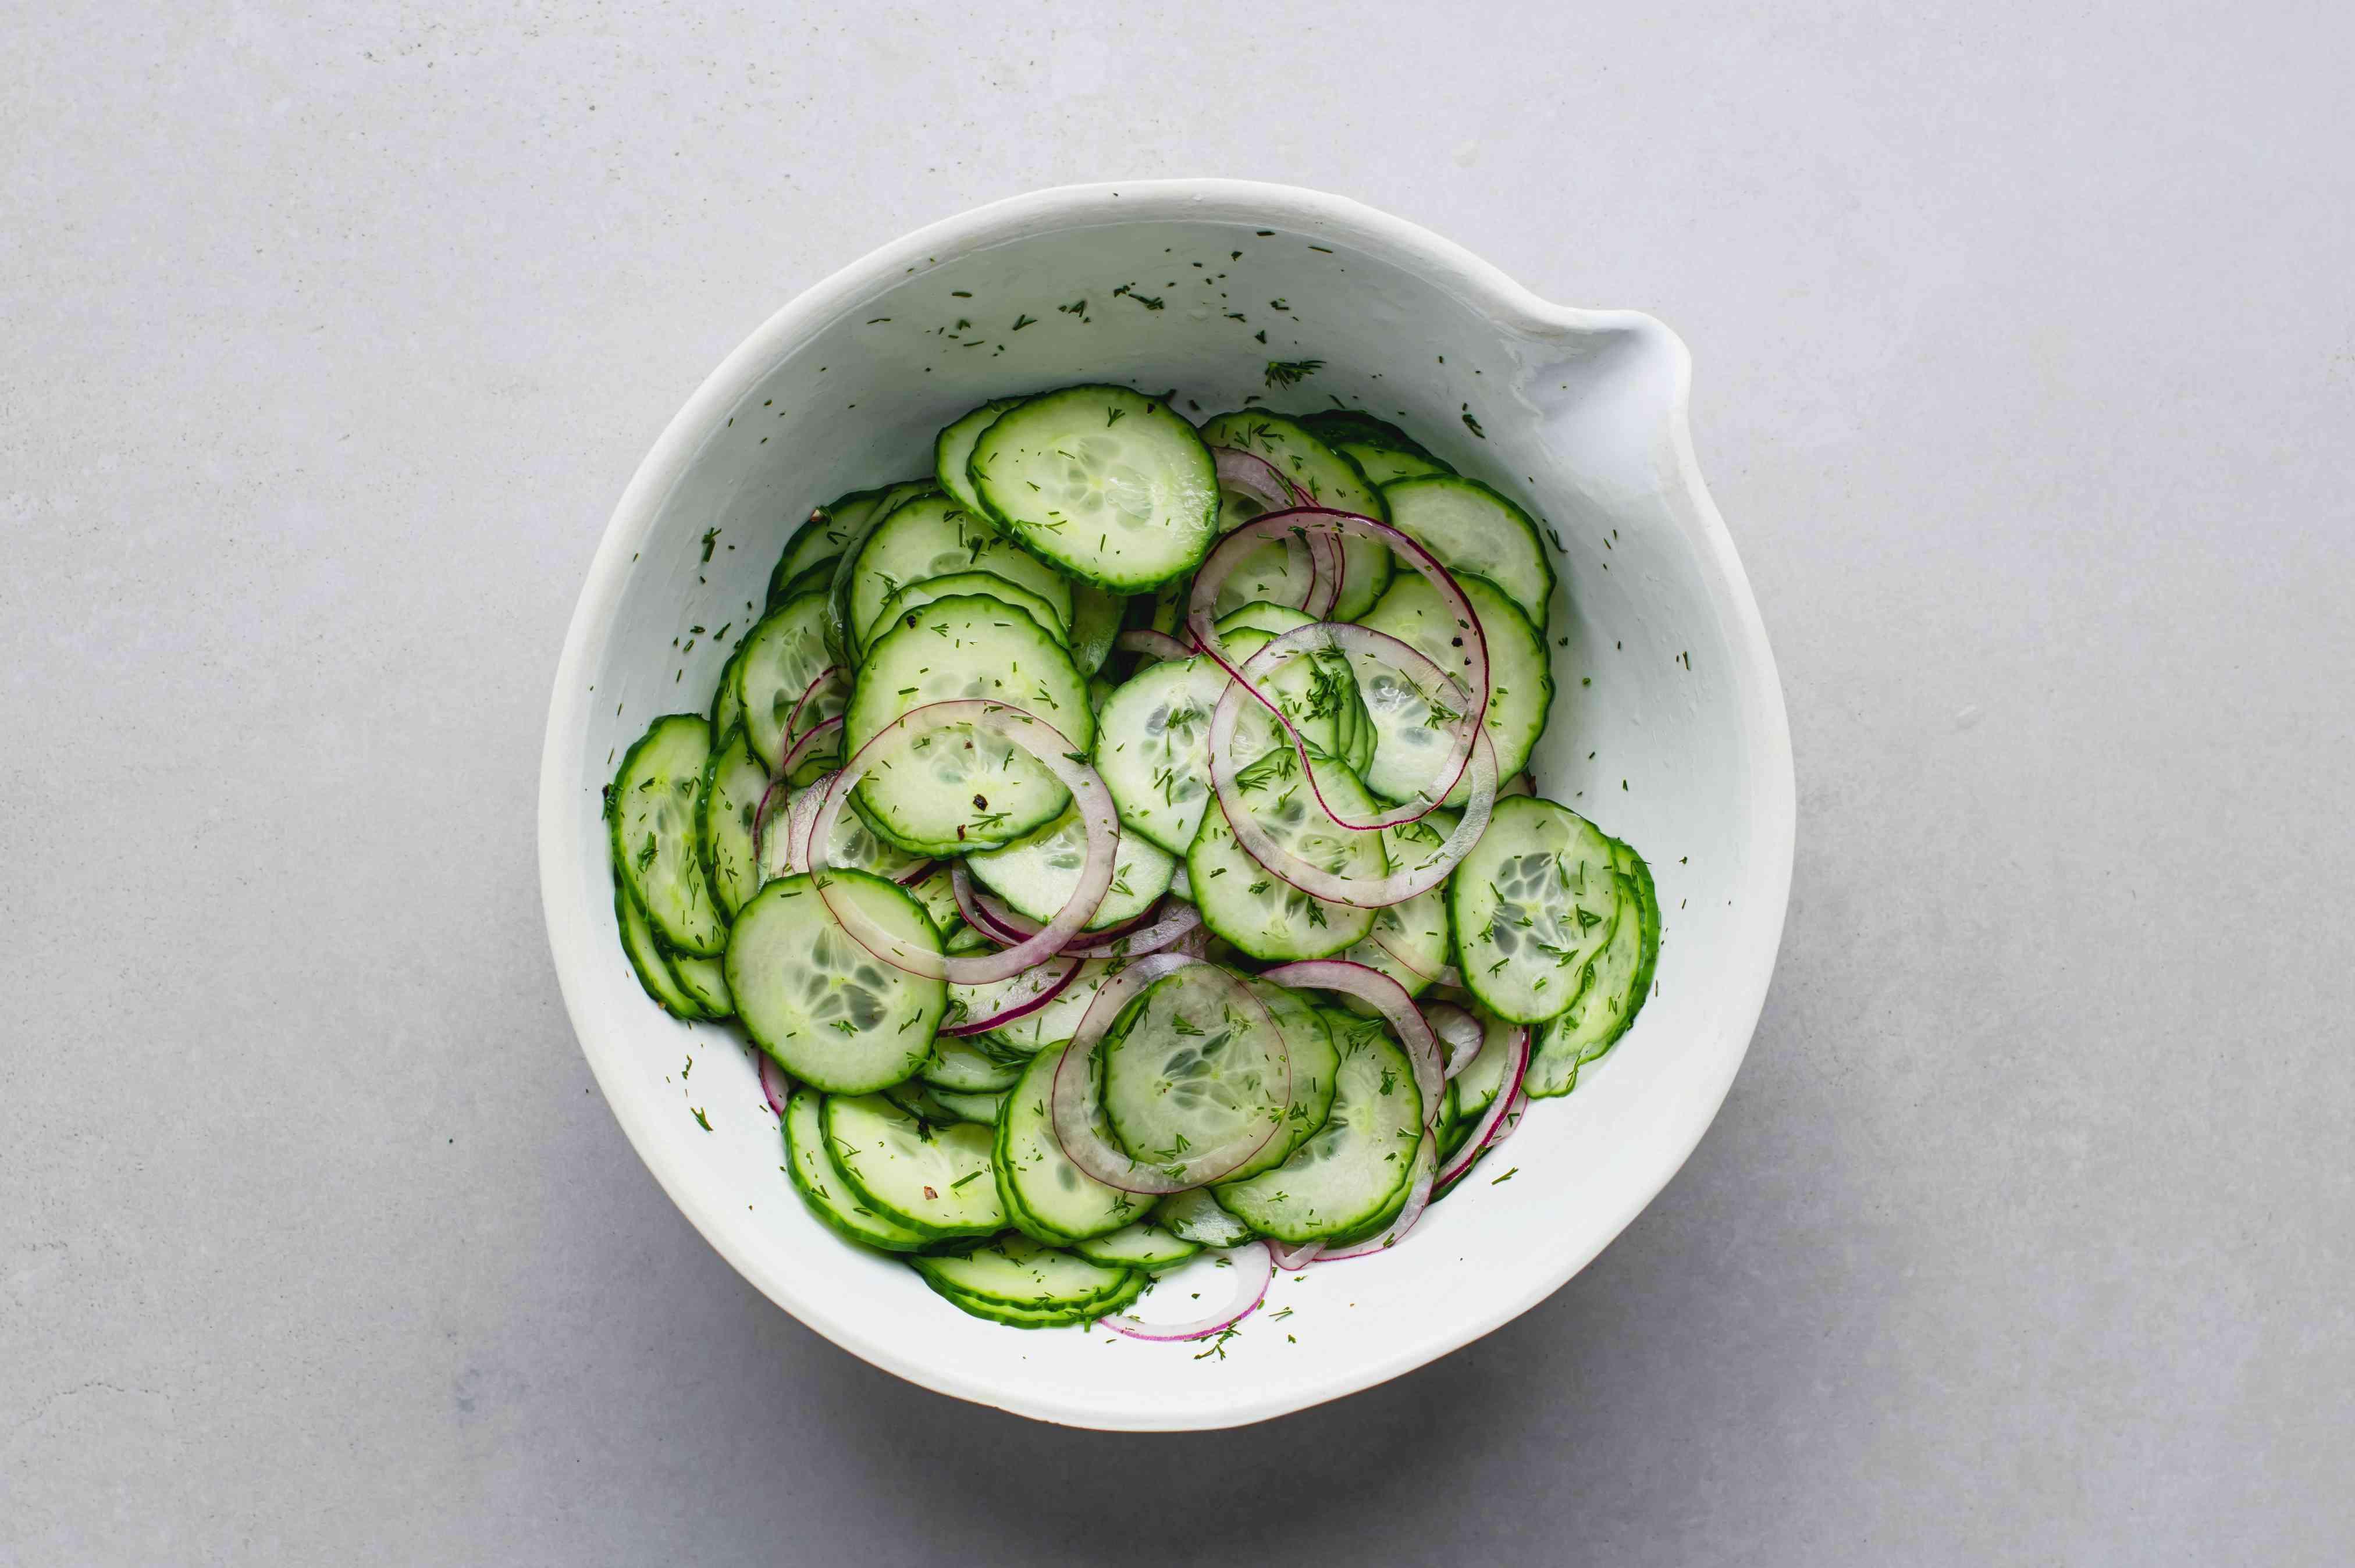 German Cucumber-Dill Salad (Gurkensalat) in a bowl